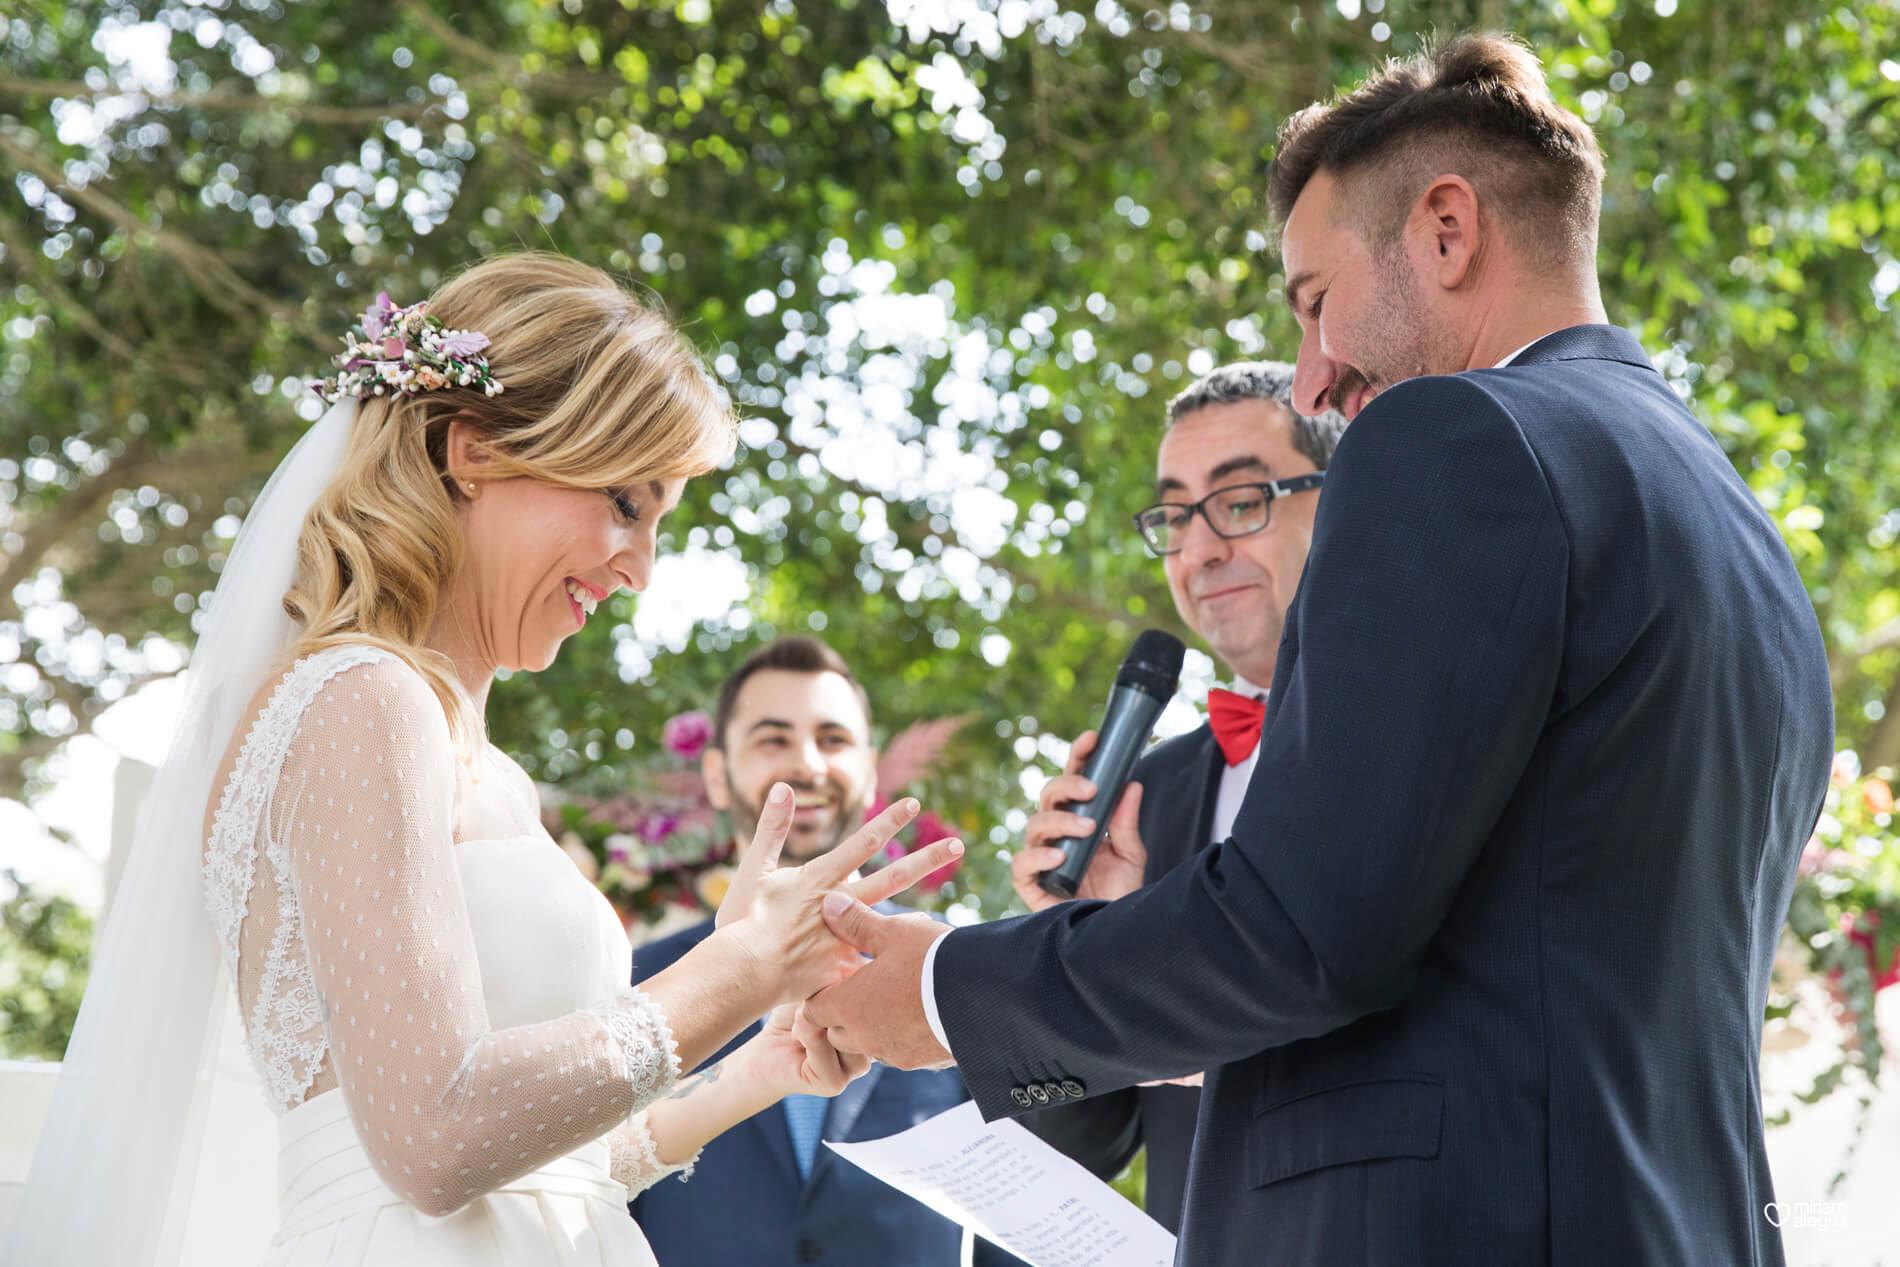 boda-en-finca-villa-vera-de-alemc7-miriam-alegria-fotografos-boda-murcia-65